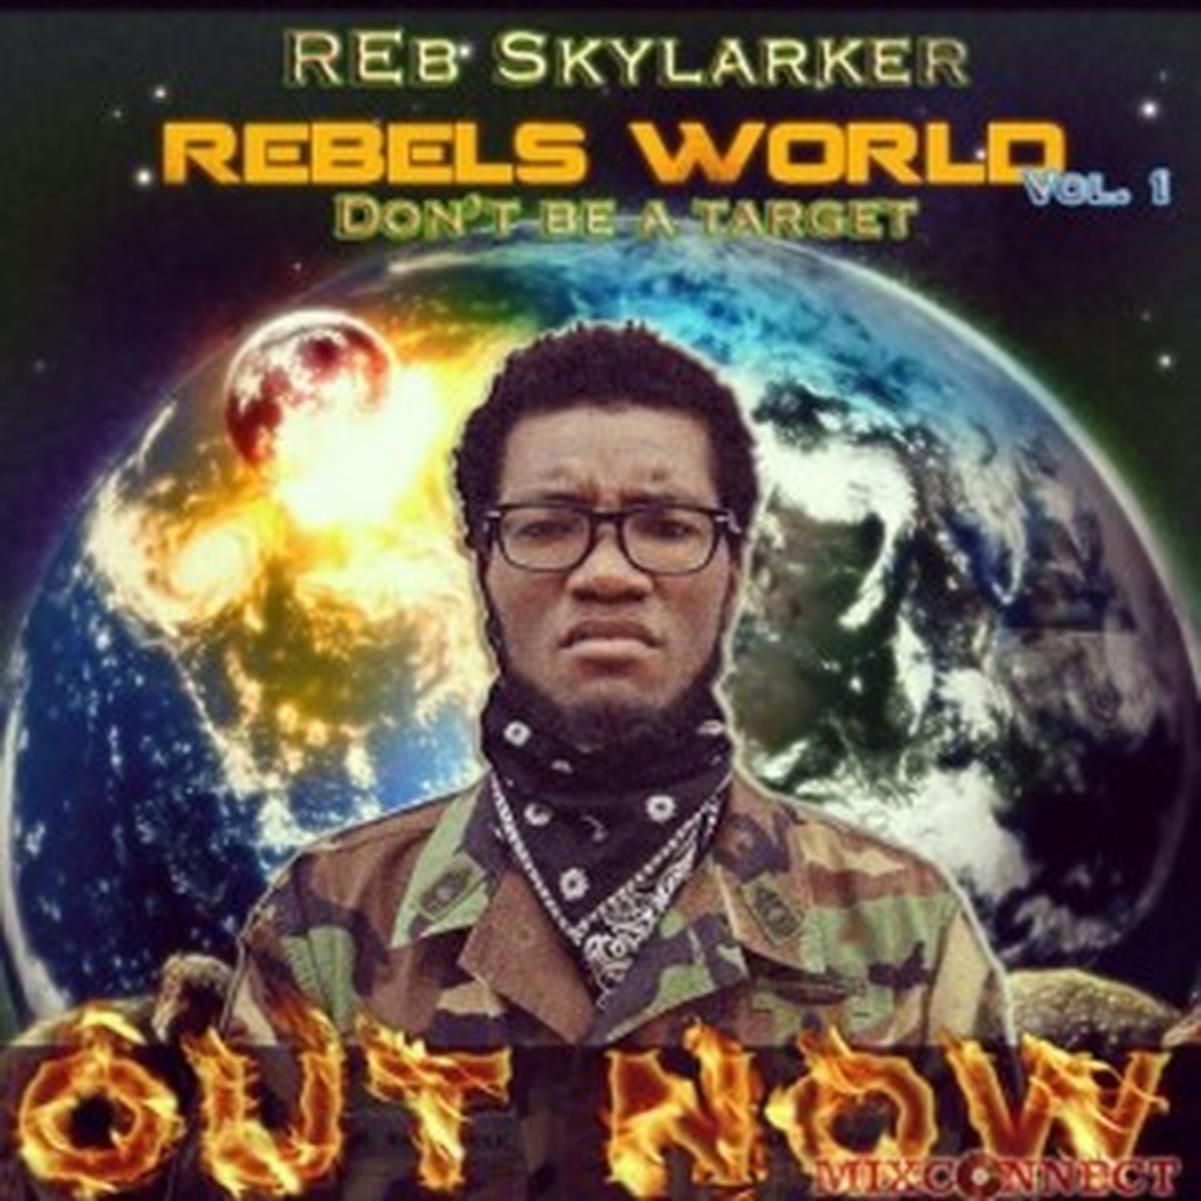 Reb Skylarker